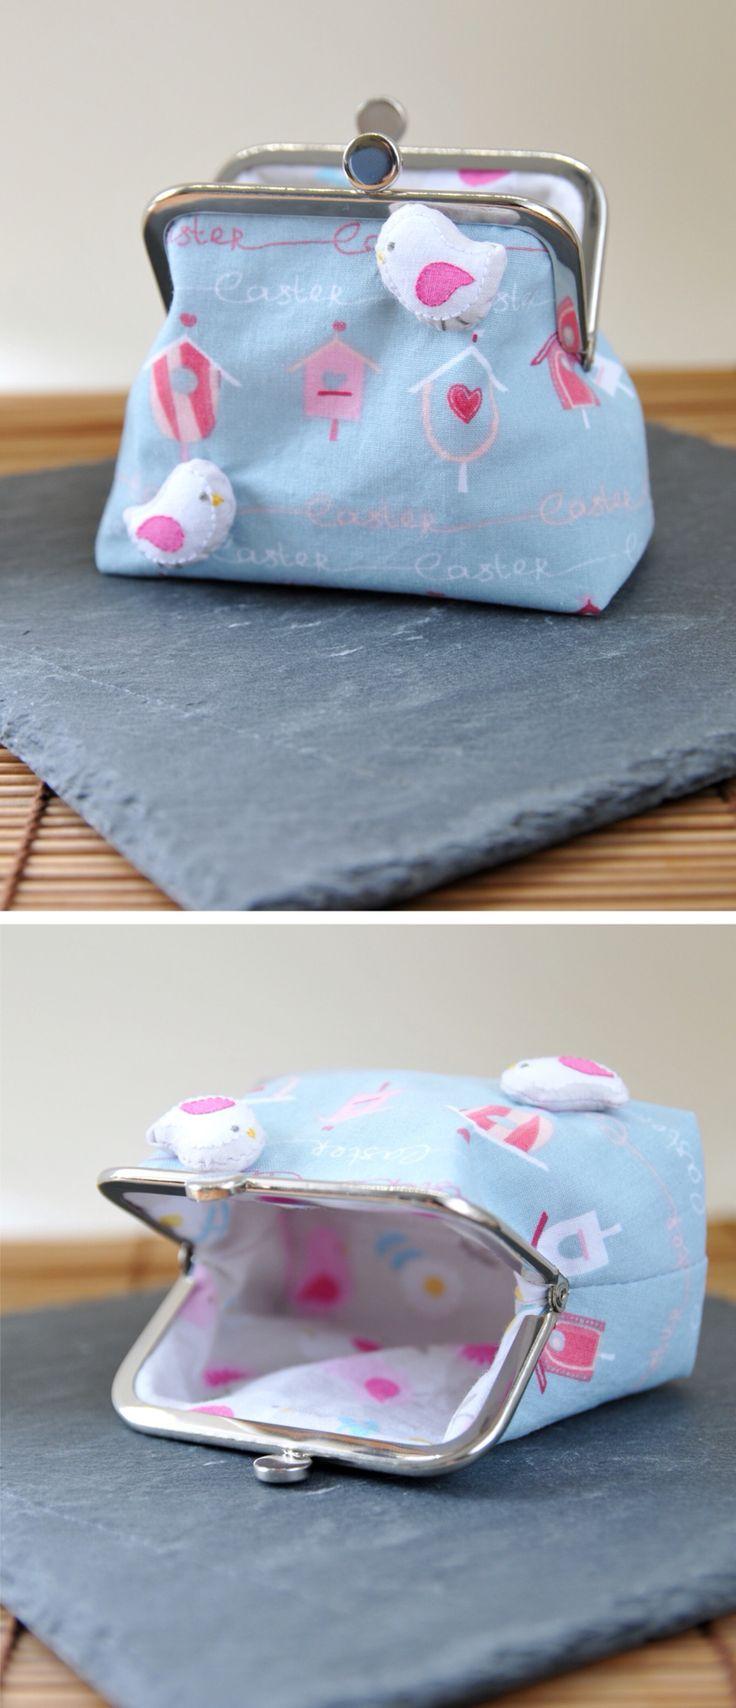 Clipverschluss-Täschchen mit Vogelhäuschen und Vögeln -- Prima als Geldbörse oder zur Aufbewahrung von Schmuck oder Kleinkram